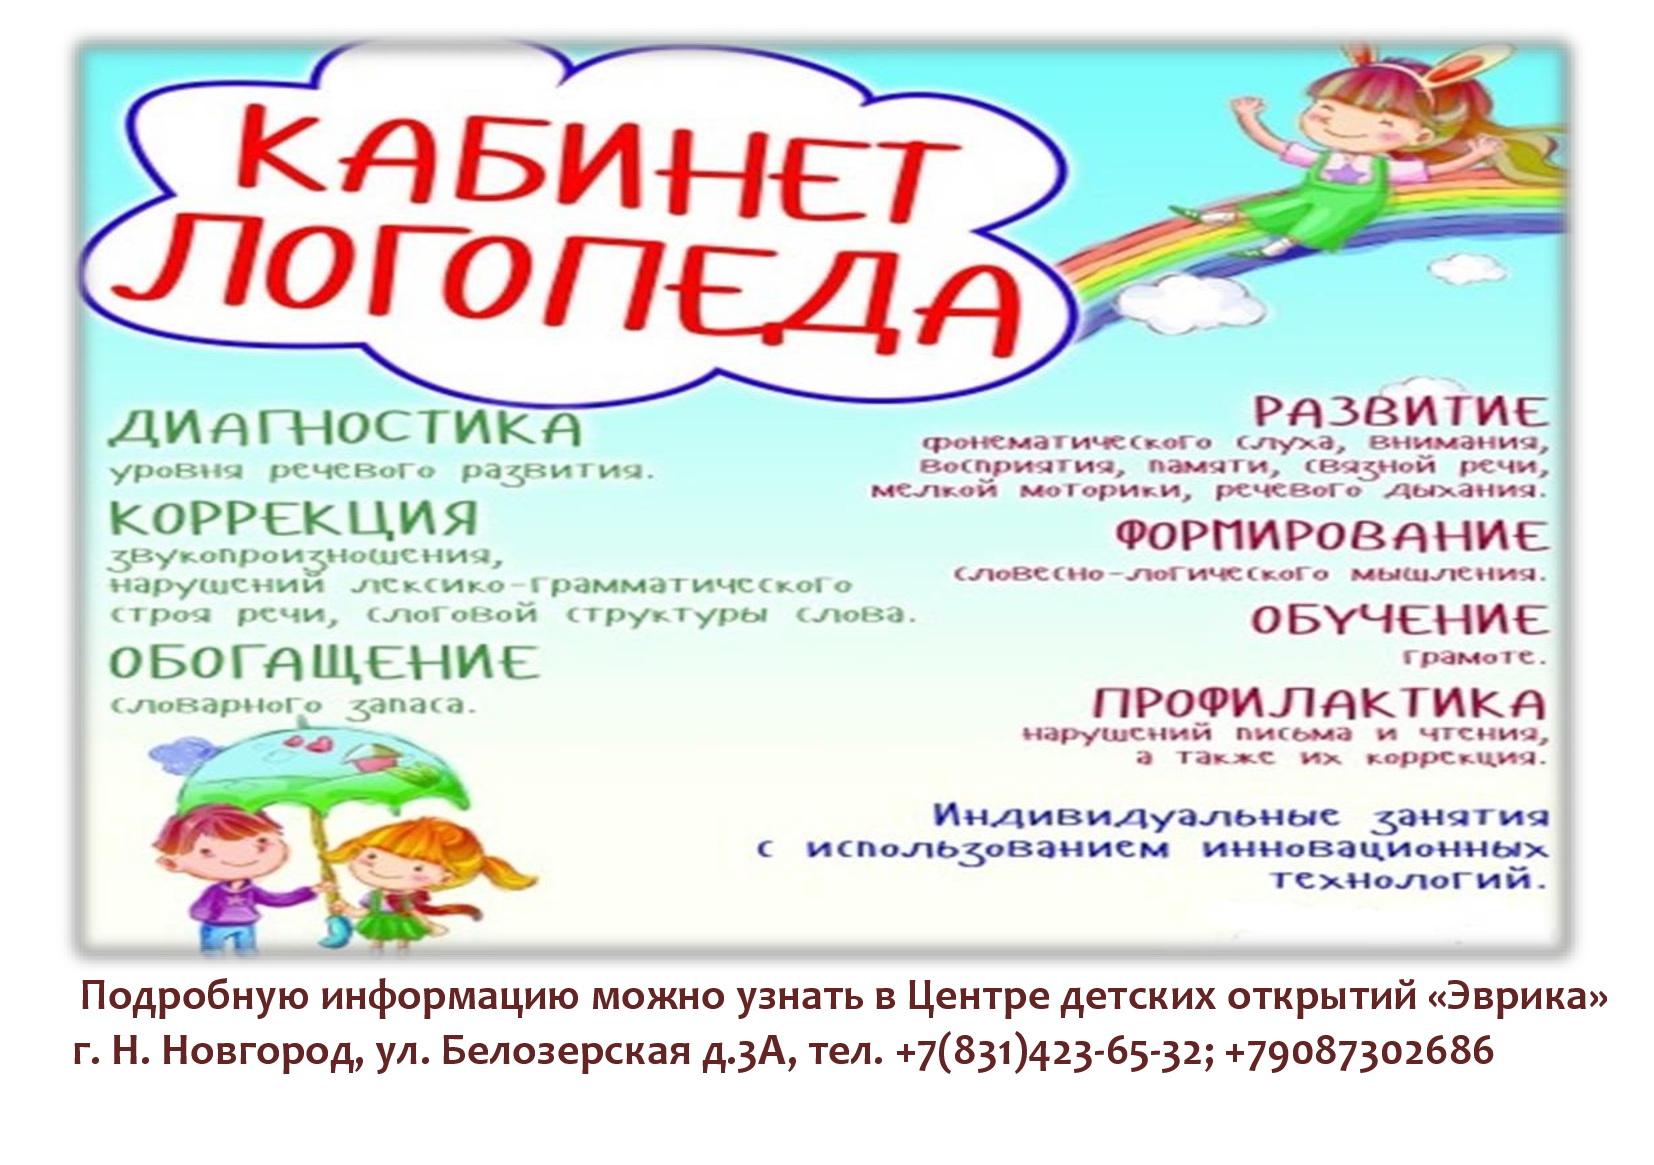 Реклама логопеда в детском центре для сайта что делать если вылезает реклама в браузере опера